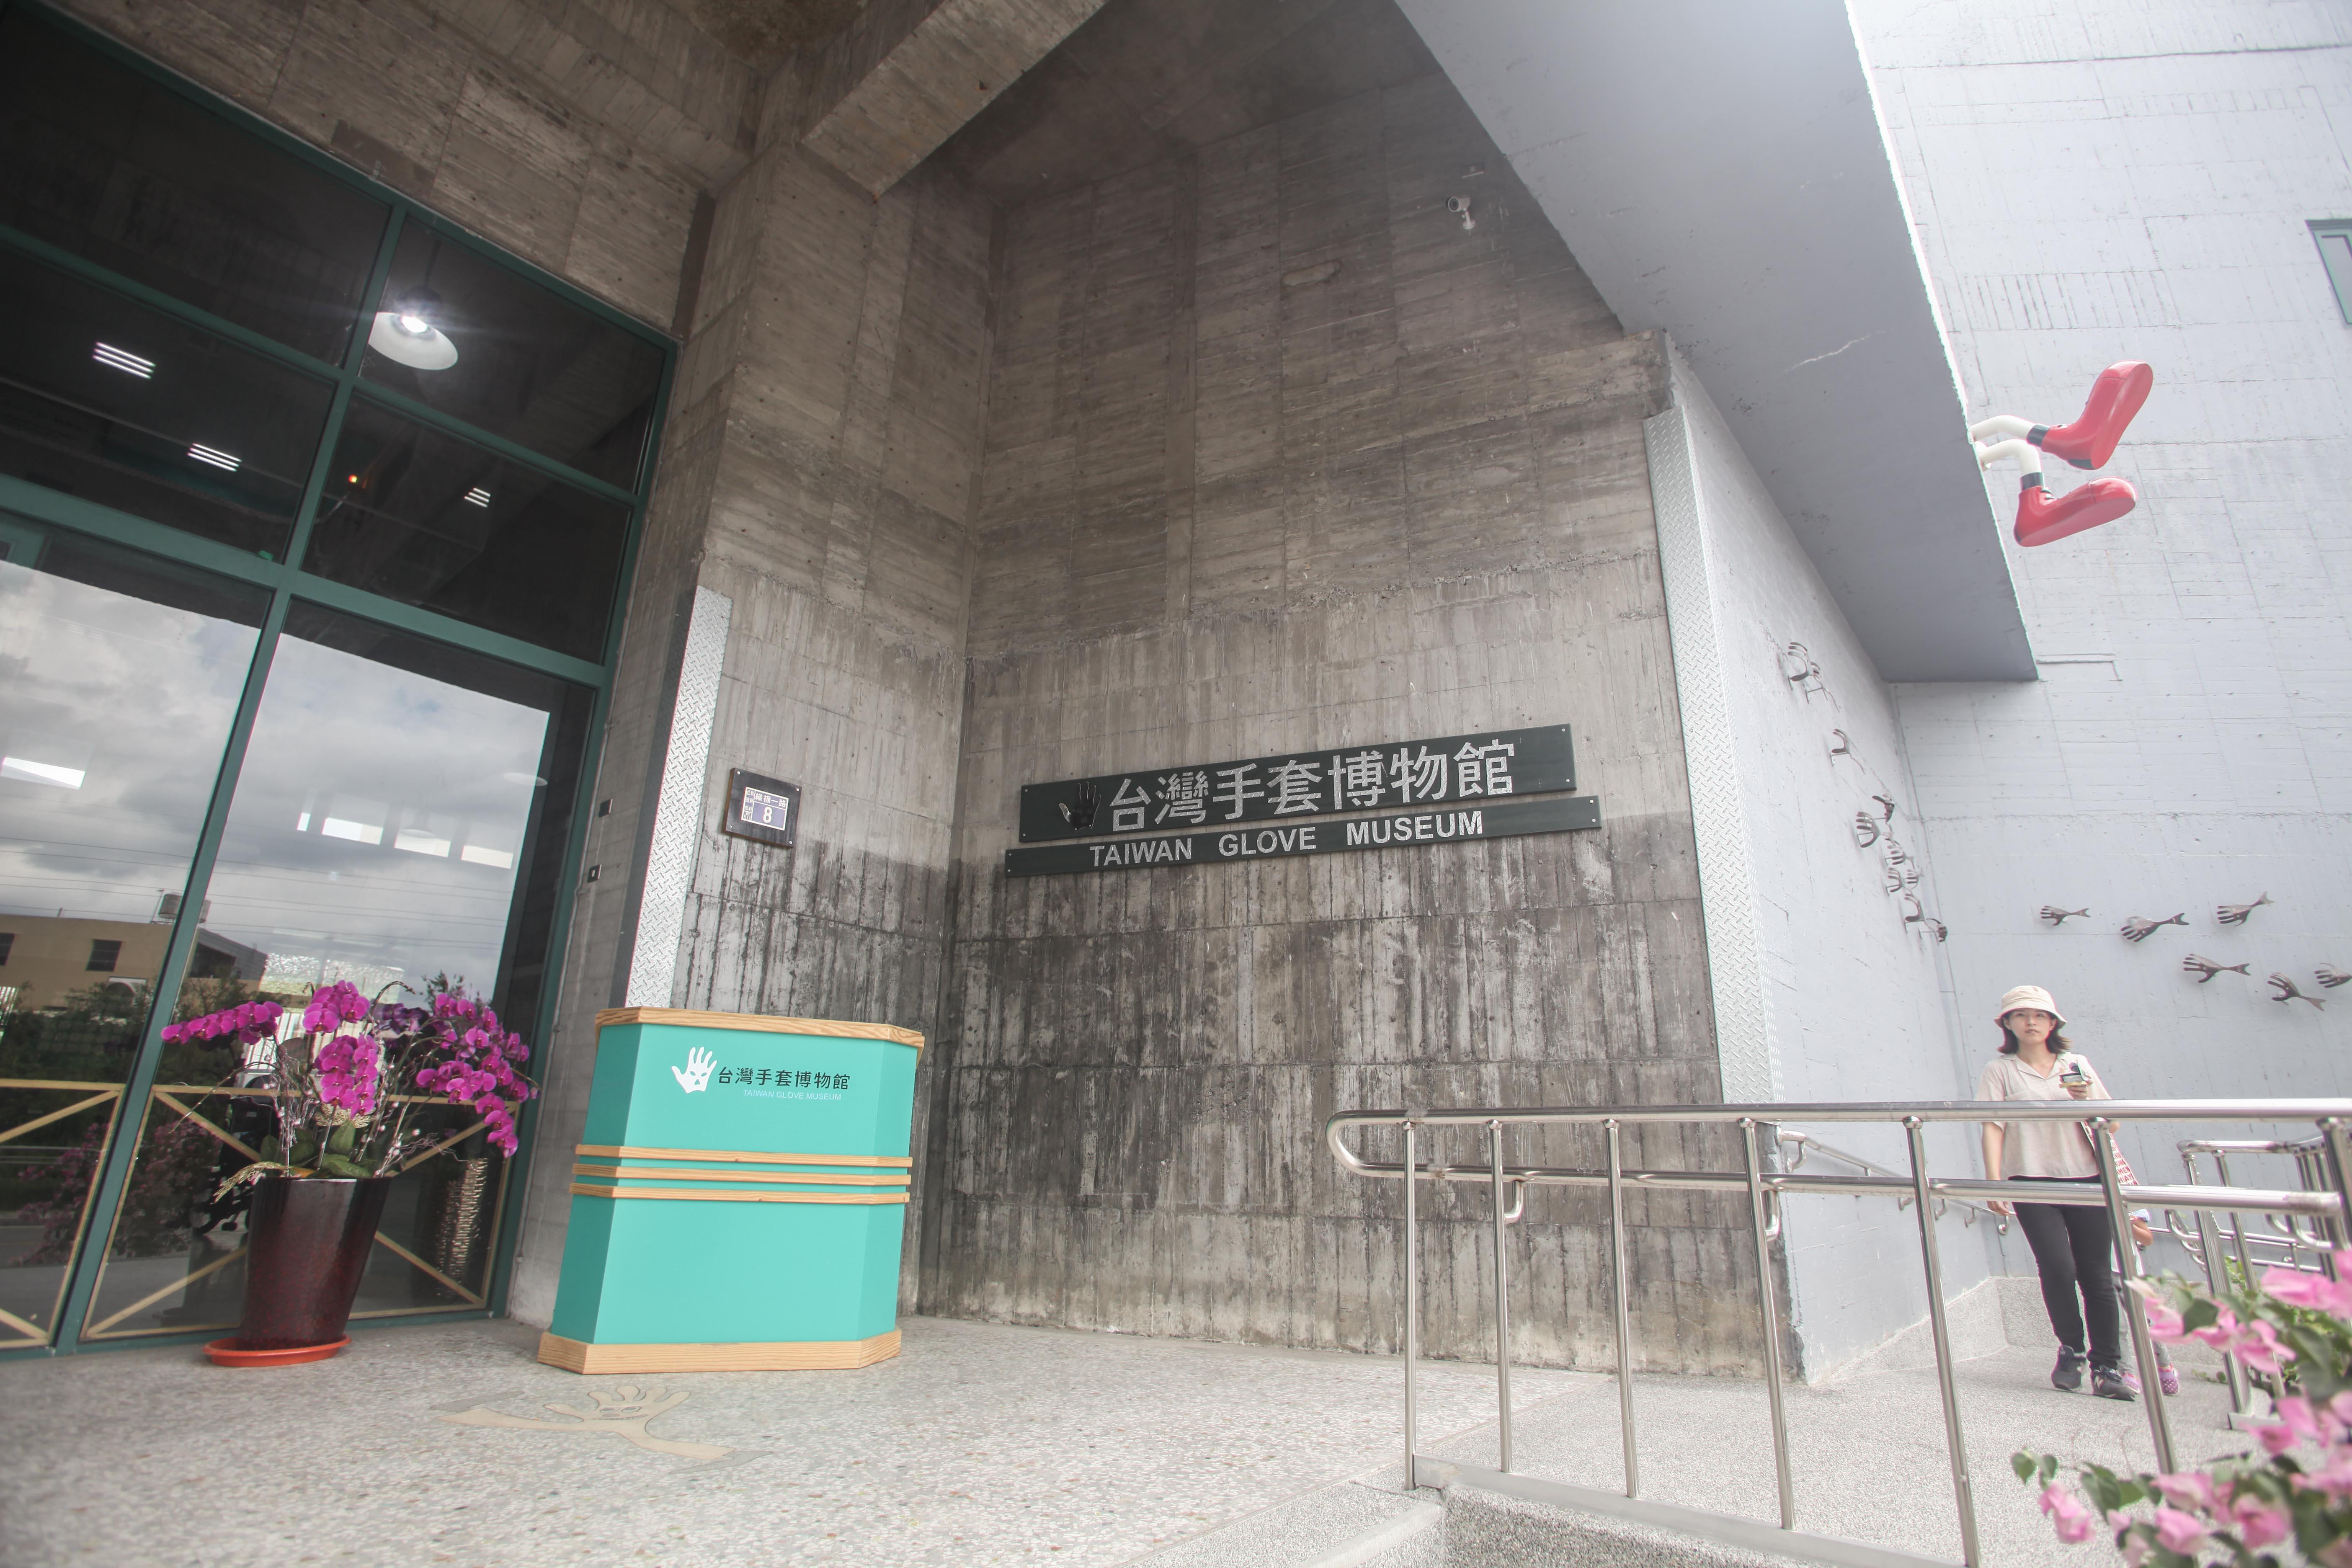 台湾手袋博物館外観